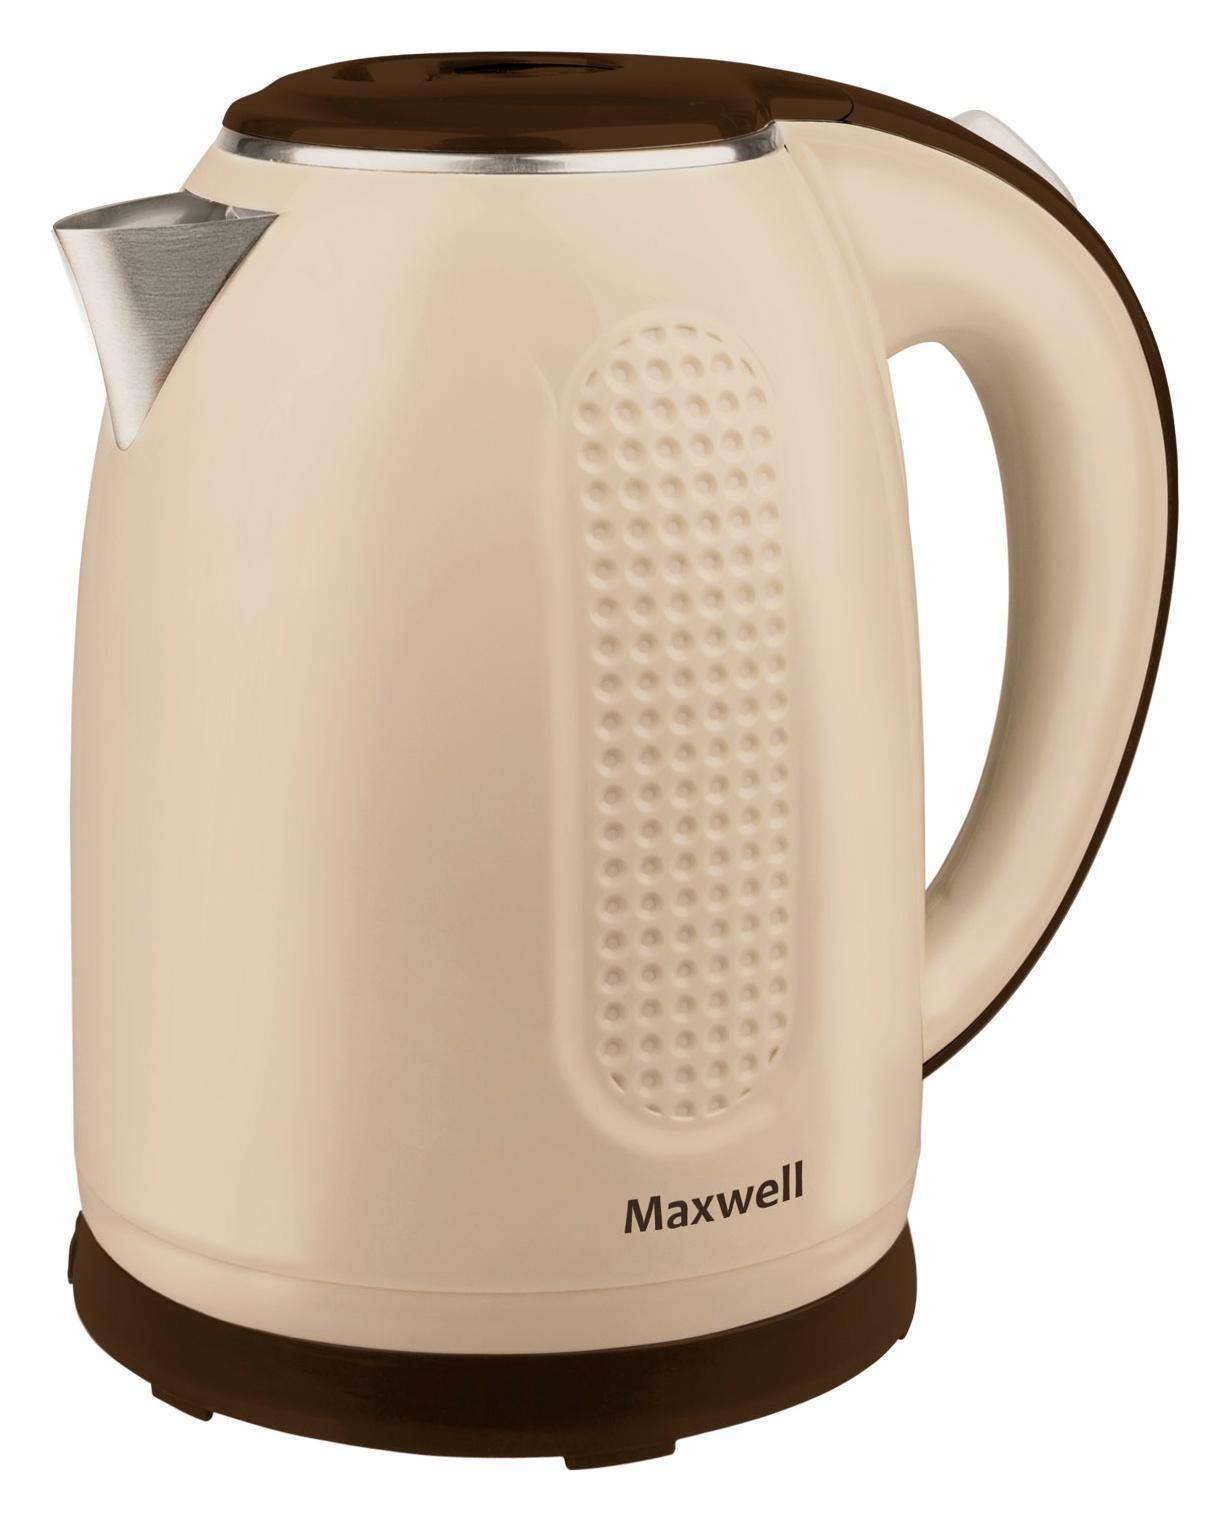 Maxwell MW-1042(BN) электрочайникMW-1042(BN)Безопасность, надежность, удобство и практичность – вот основные критерии, которые характерны для всех моделей чайников торговой марки Maxwell. Данная техника стала обязательным атрибутом современной кухни, позволяя быстро вскипятить воду для чашечки чая или кофе. Электрические чайники Maxwell отличаются своей эргономичностью и стильным дизайном, что позволяет их вписать в интерьер любого кухонного пространства.